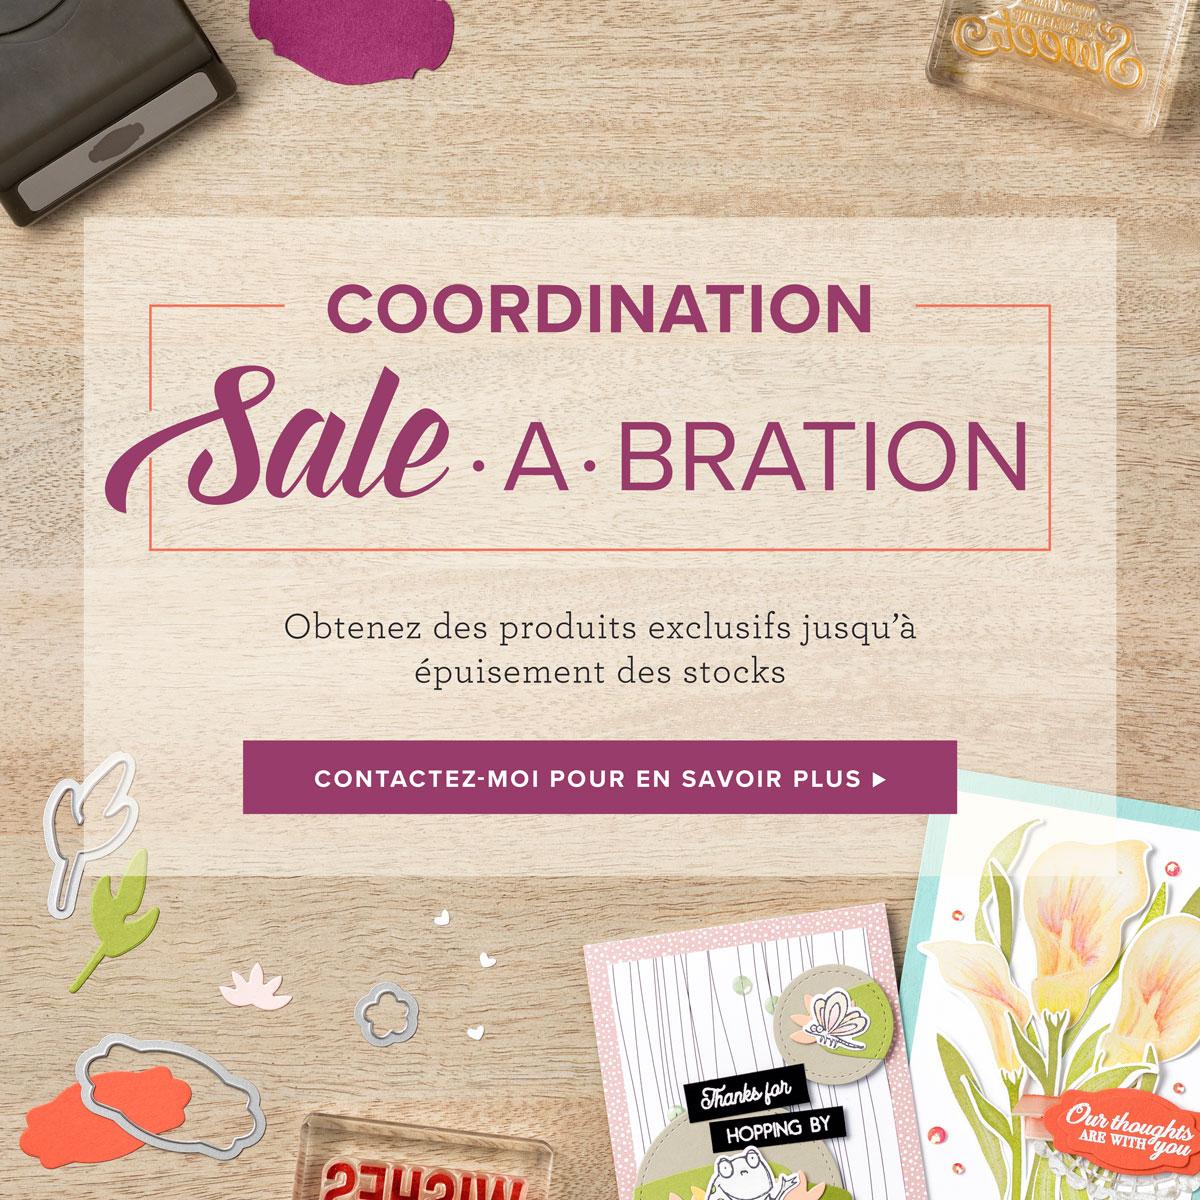 Coordination S-A-B